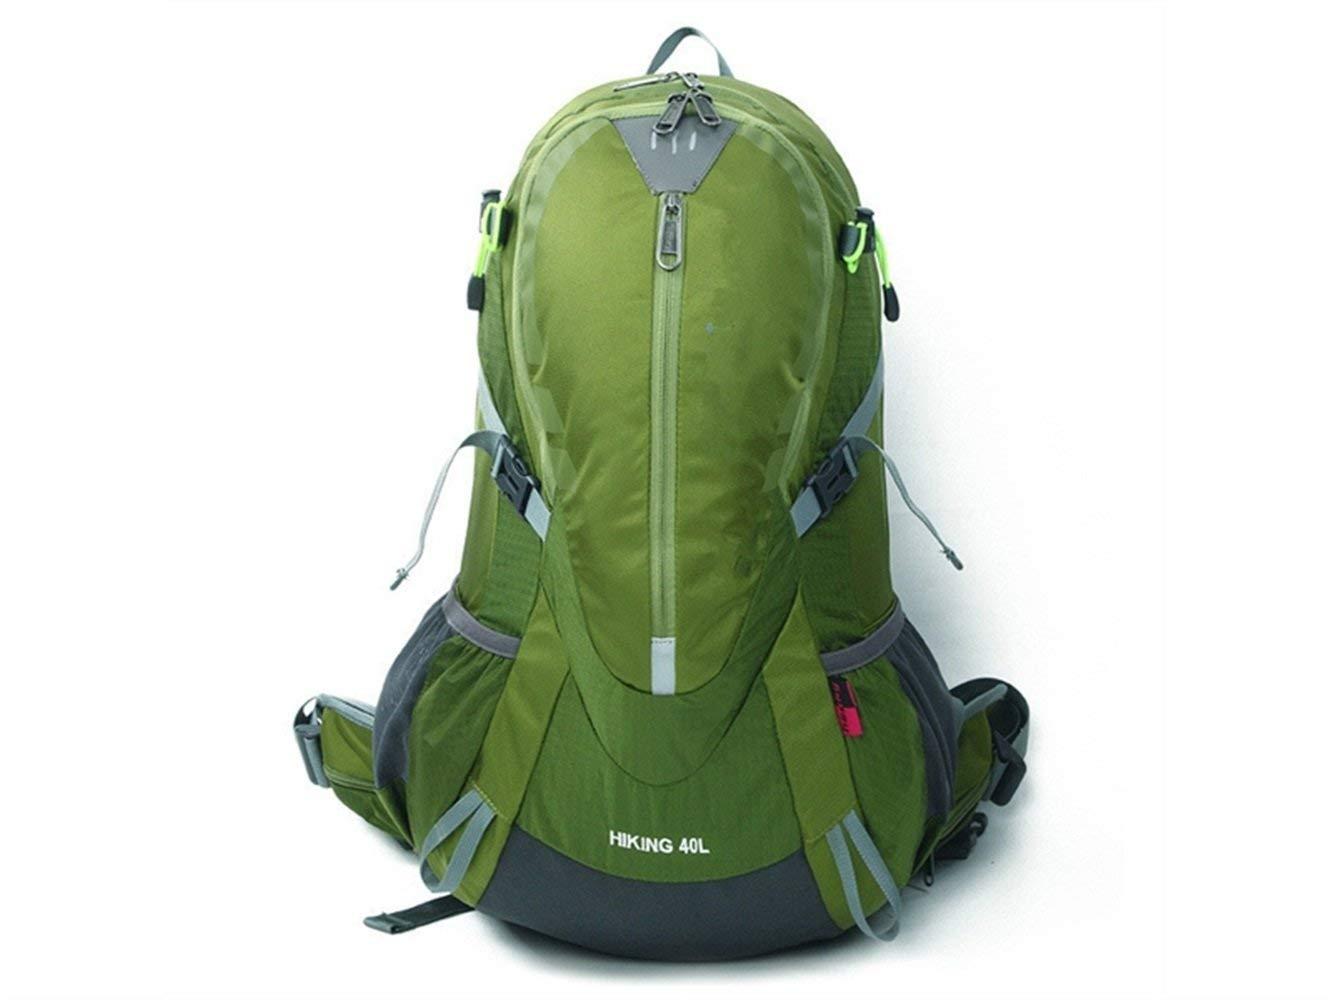 Sun Glower Wanderrucksäcke Outdoor und Indoor Sport Outdoor Nylon reißfest Wasserdicht Bergsteigen Tasche Wandern Camping Rucksack (grün) für Camping Radfahren